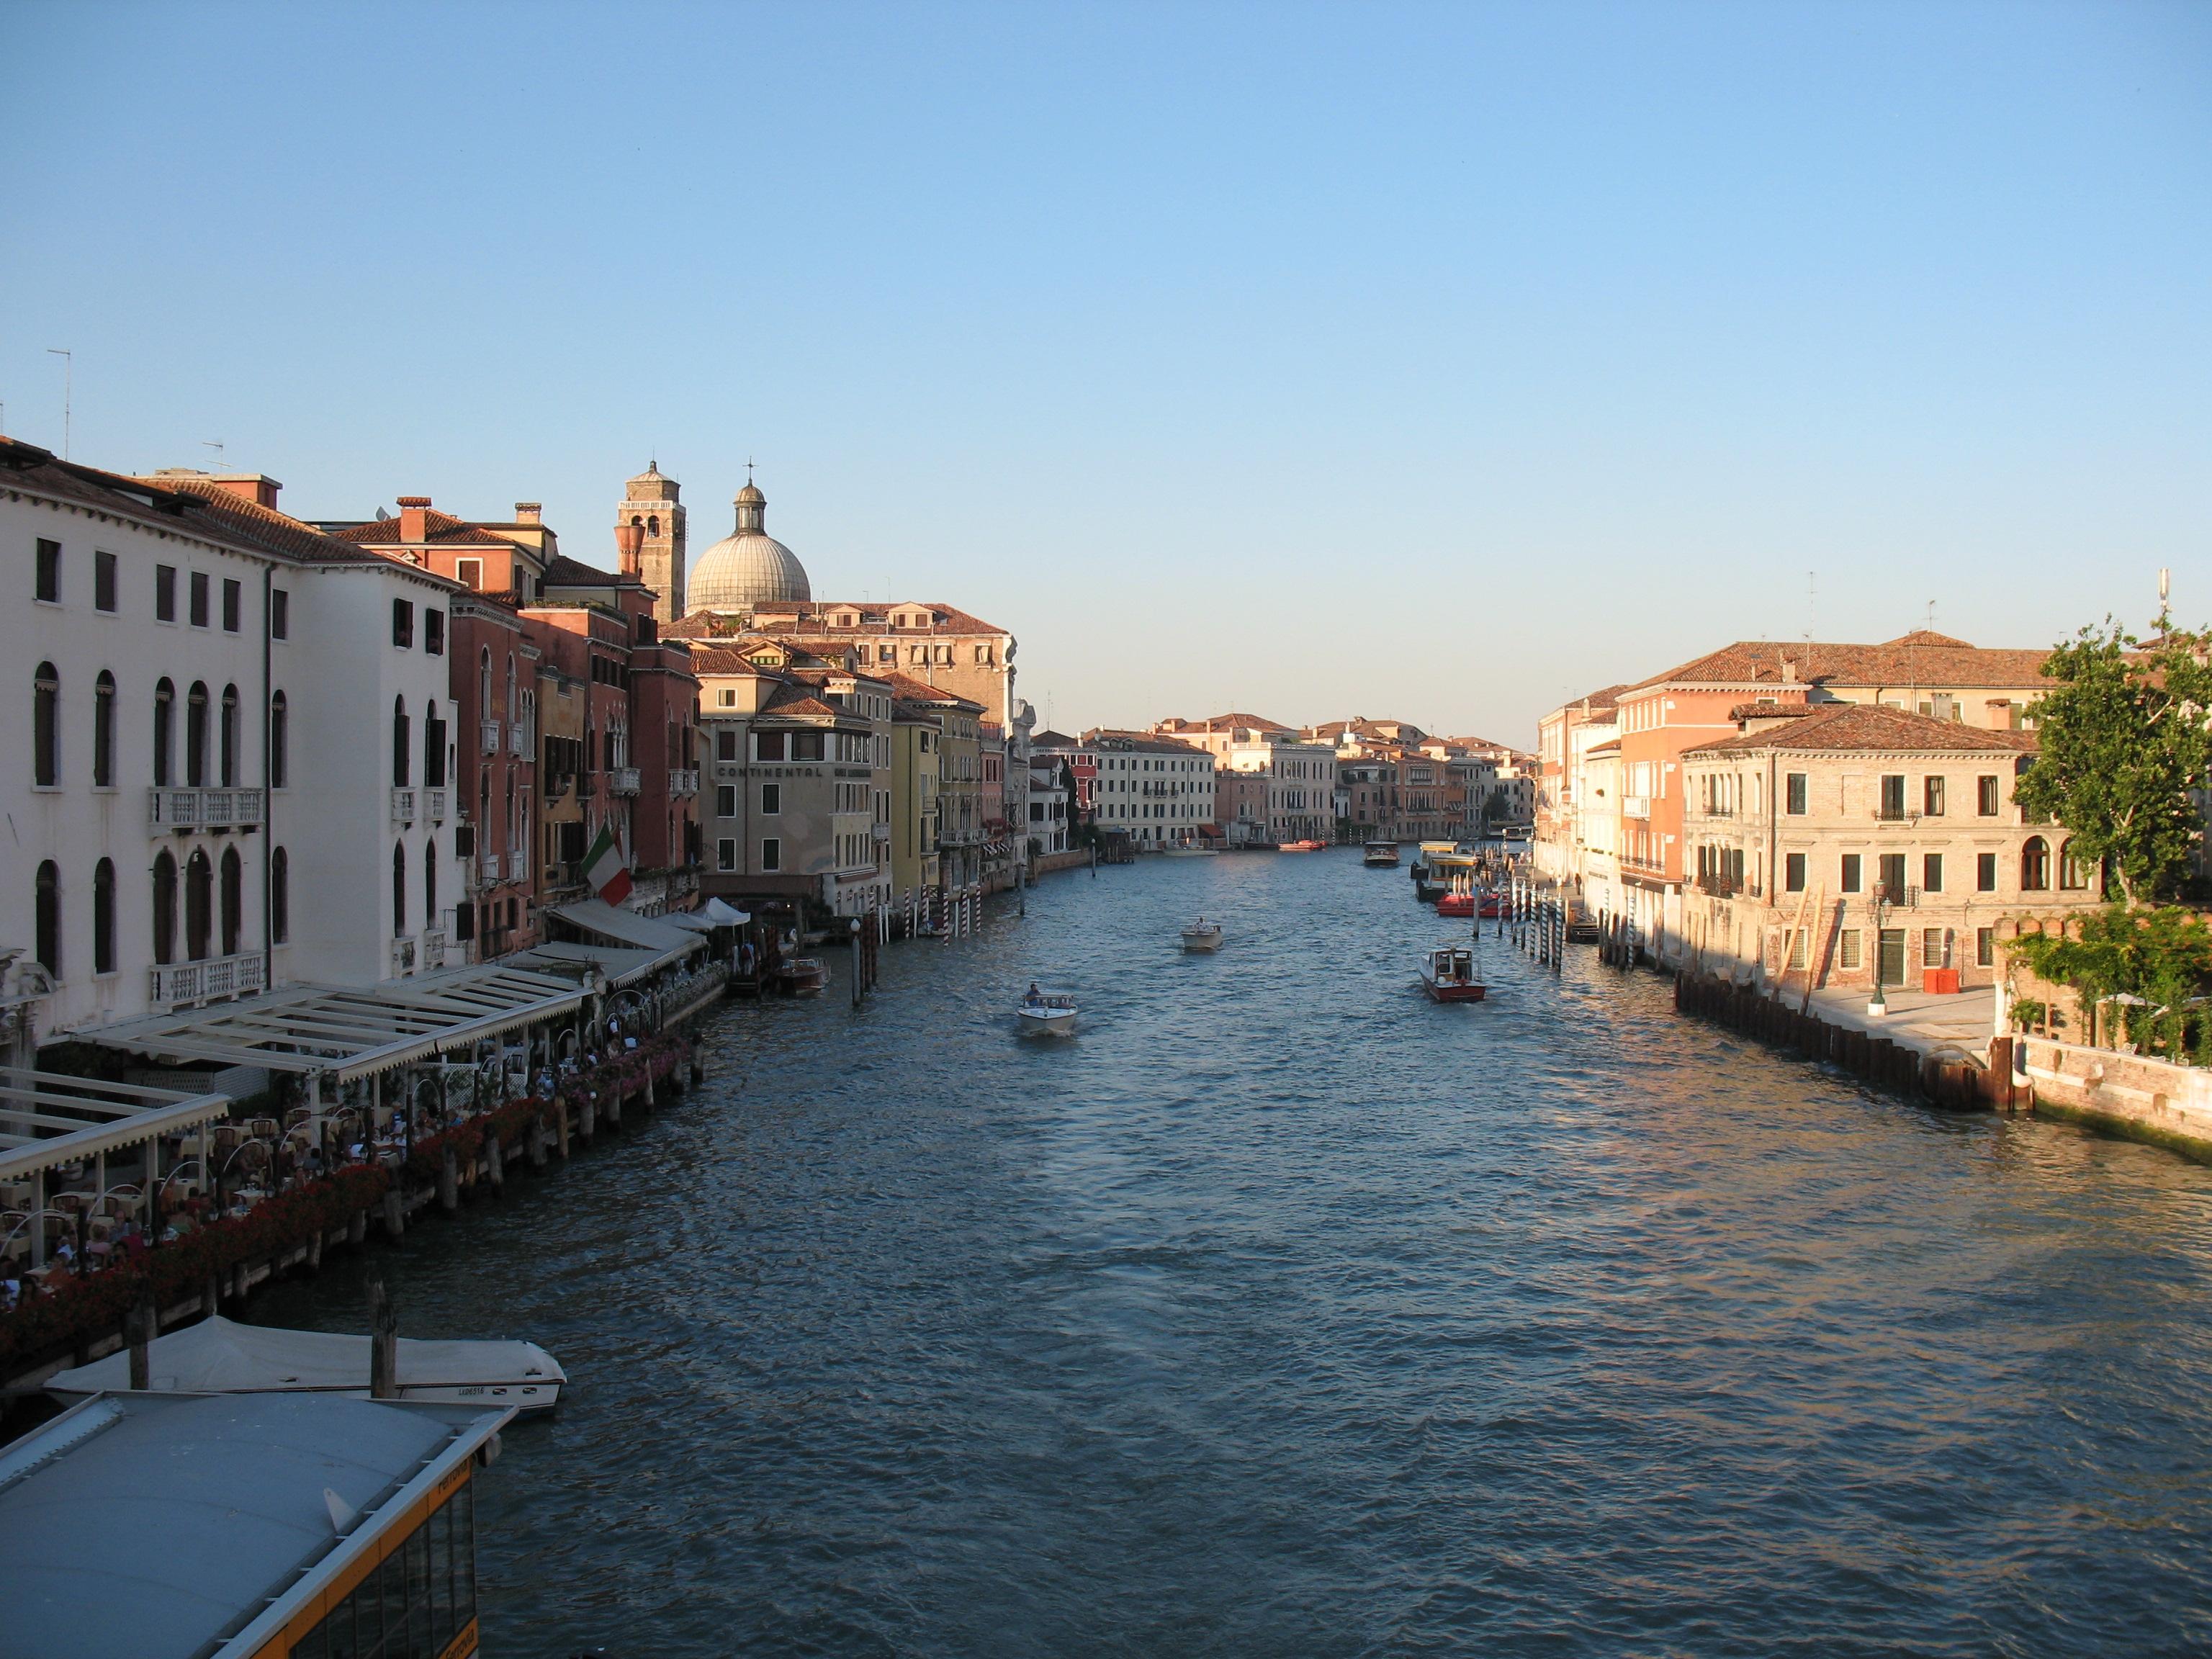 File:Canal Grande Venezia.JPG - Wikipedia